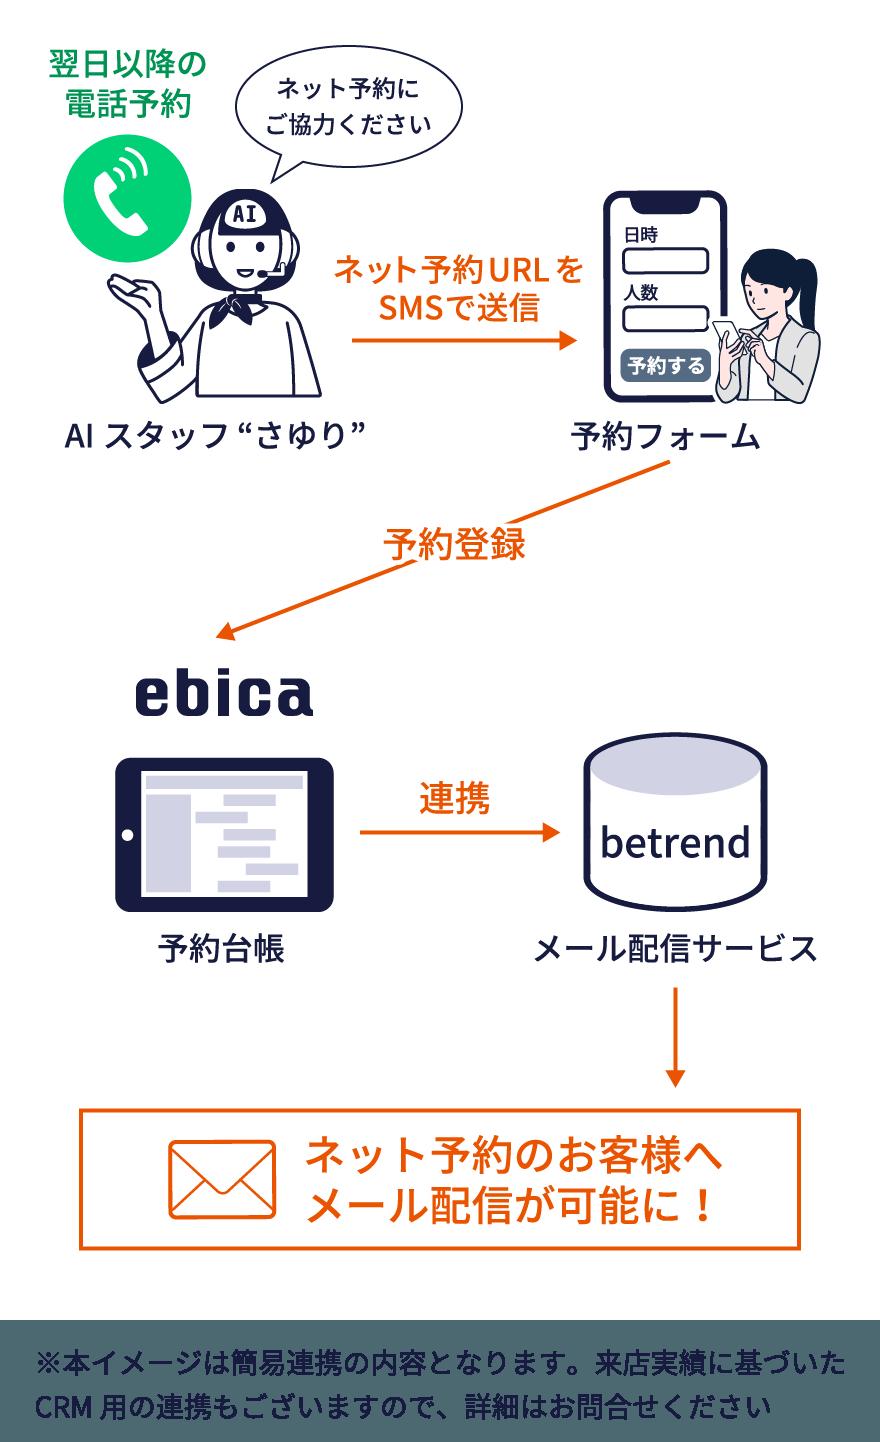 ebica機能の連動イメージ